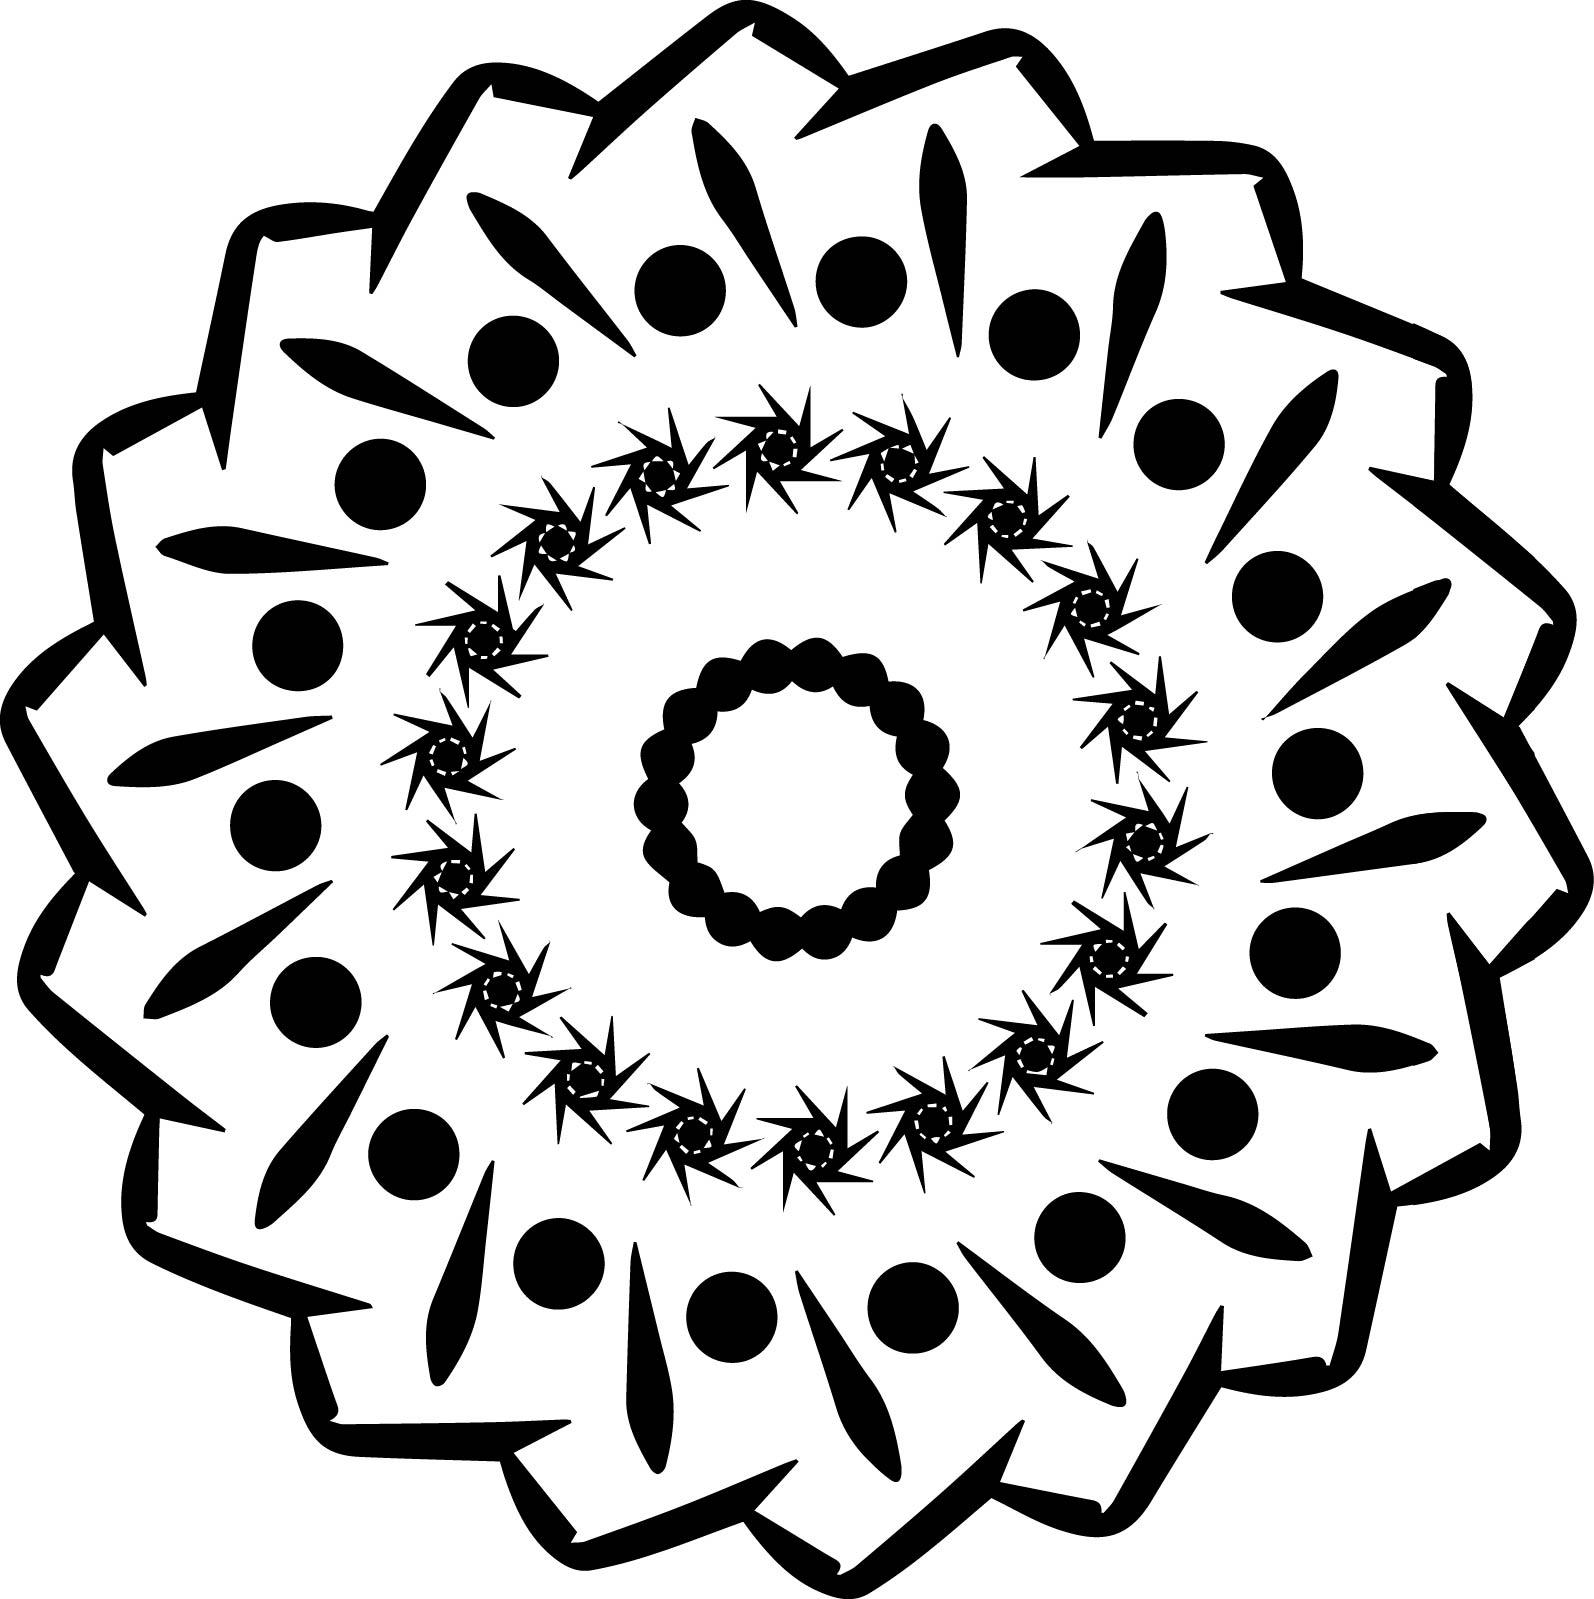 Mandala Dot Star Coloring Page